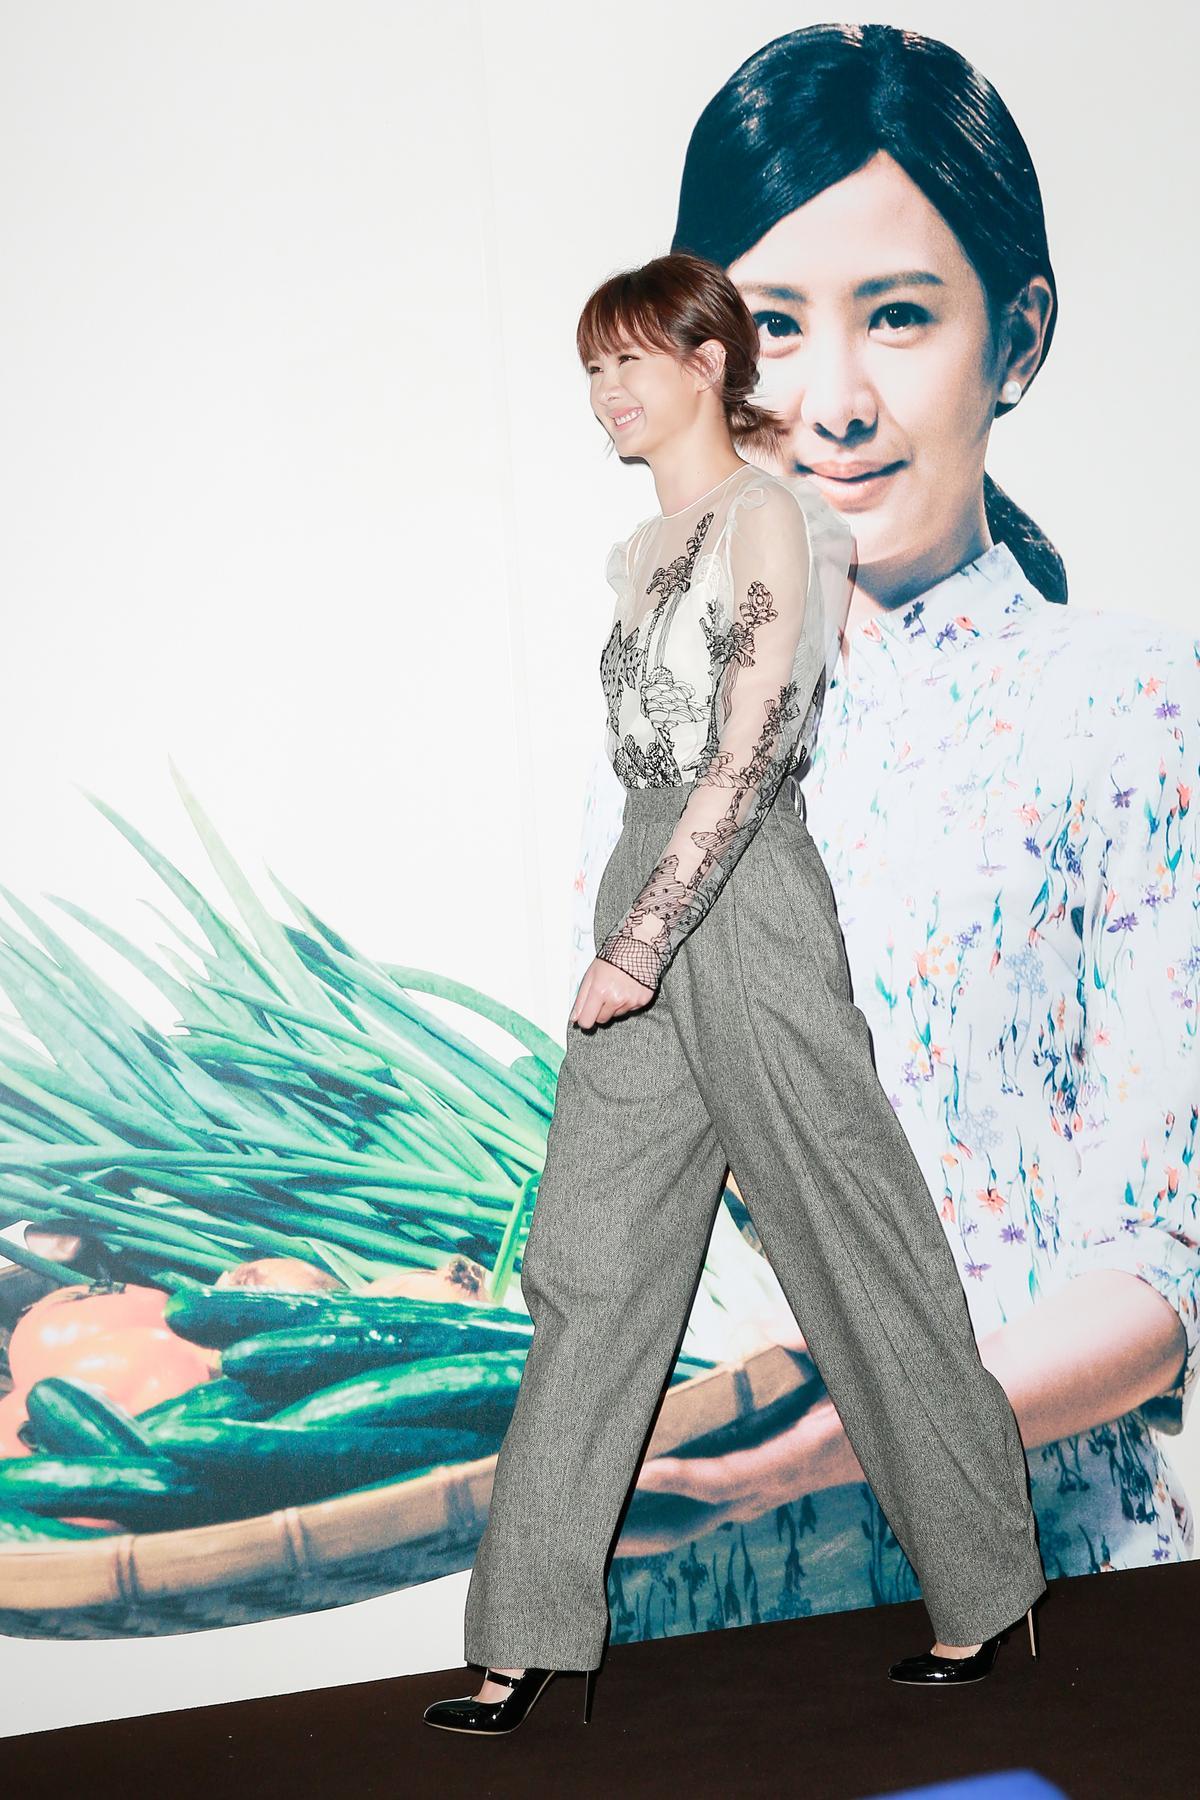 安心亞主演的戲接檔《花甲男孩轉大人》,她稱壓力很大。